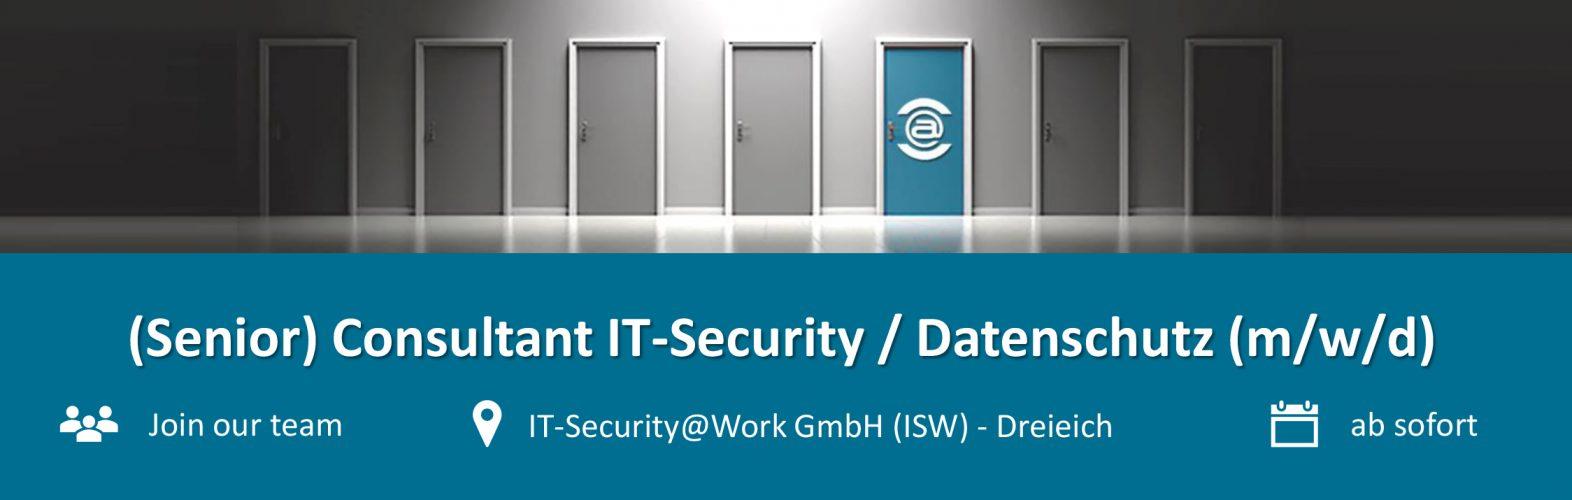 Stellenanzeige (Senior) Consultant IT-Security / Datenschutz (m/w/d)